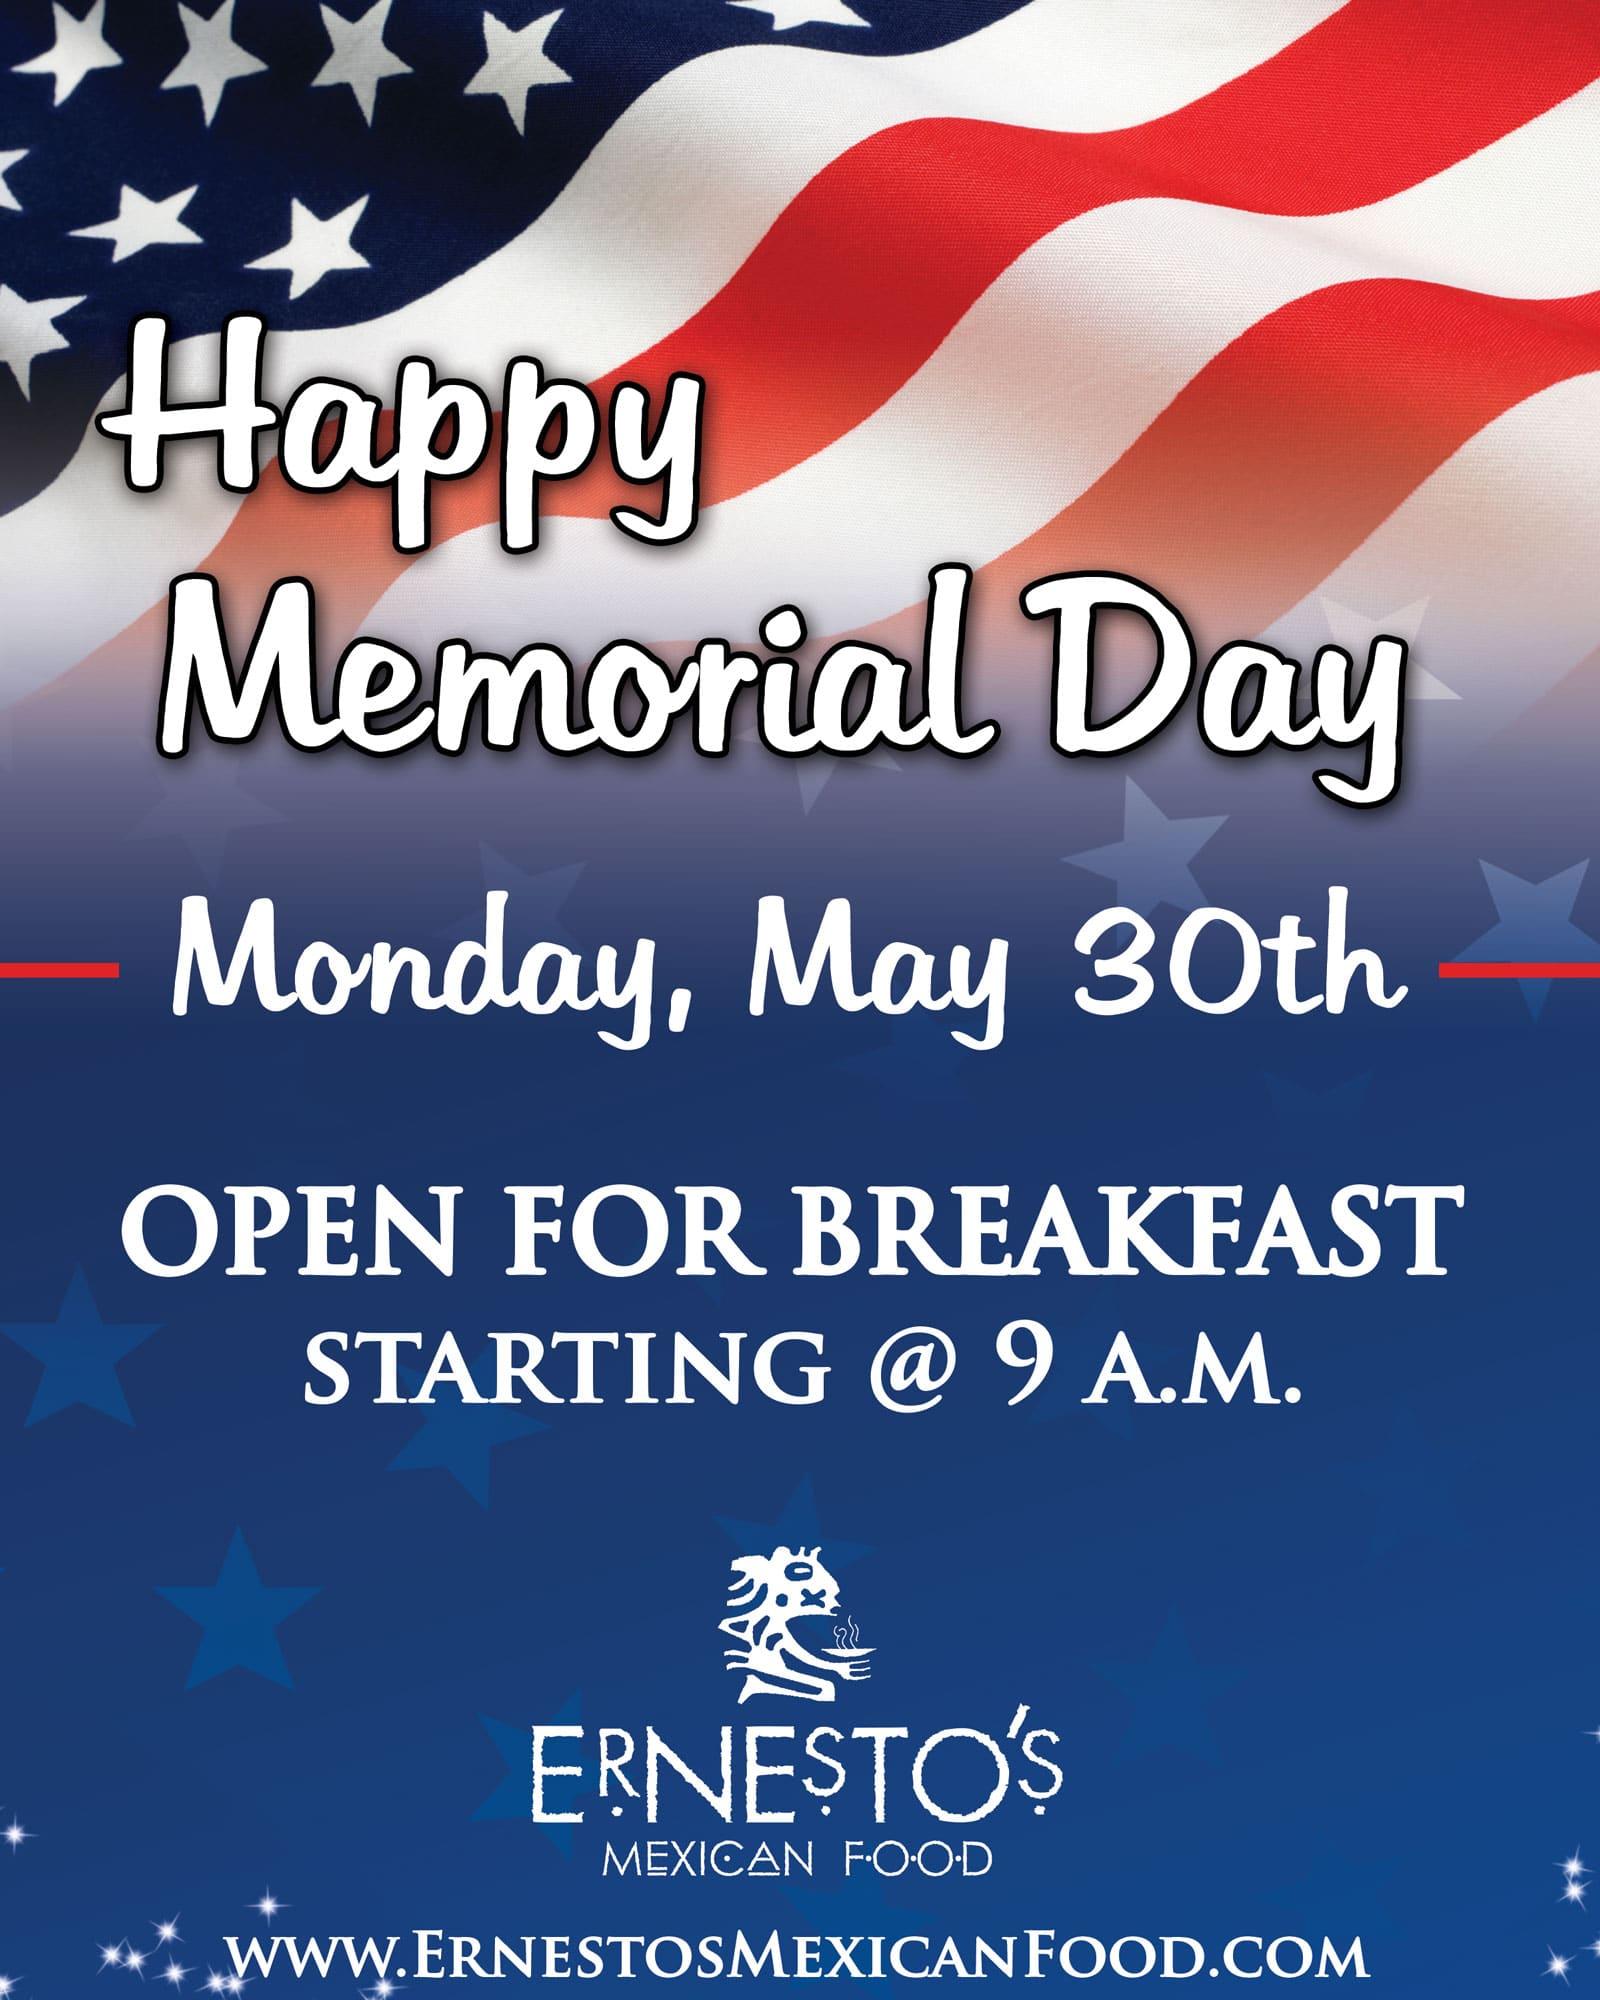 Memorial Day Breakfast memorial social